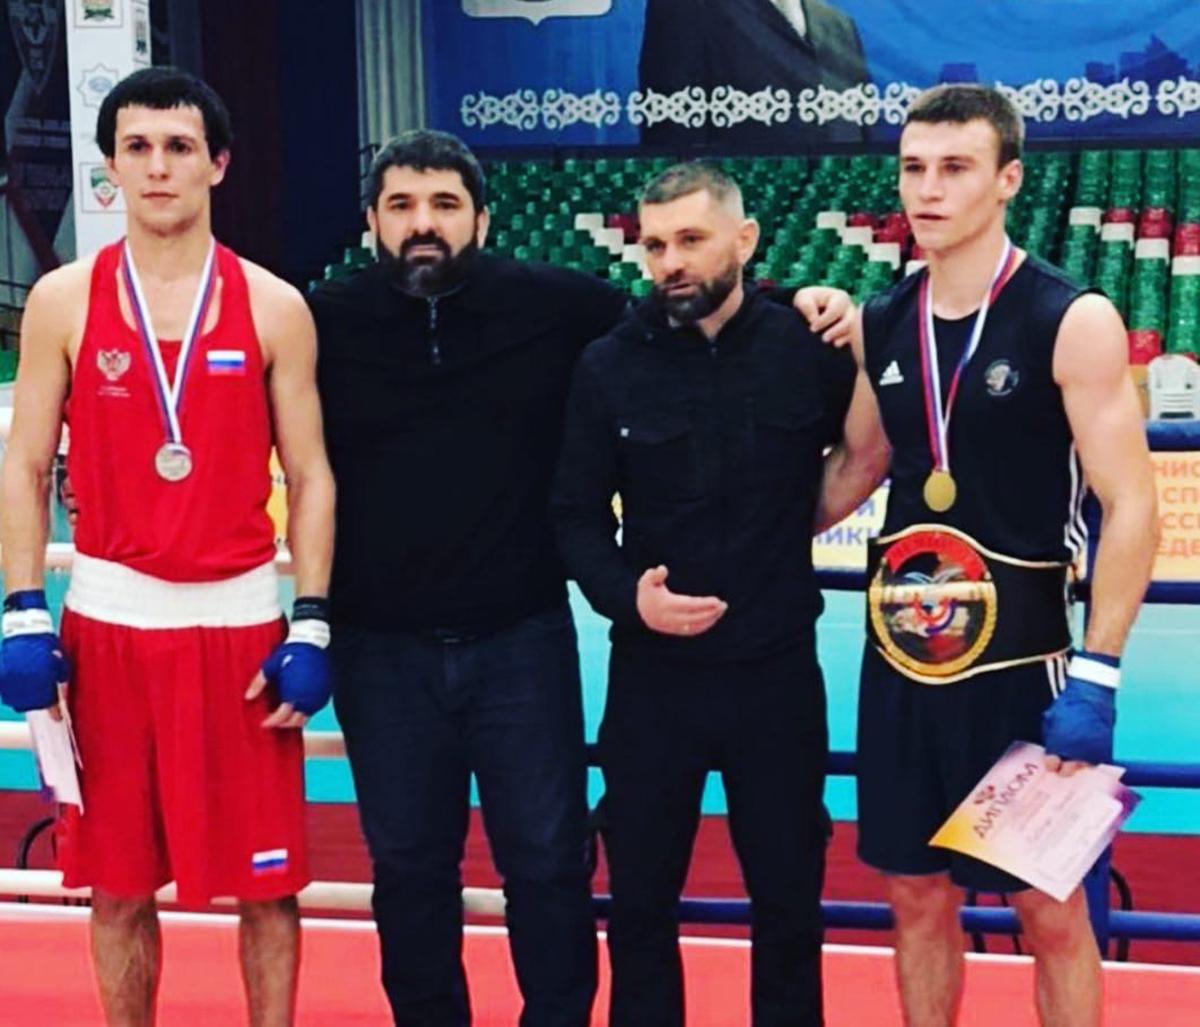 Двое севастопольцев завоевали медали Всероссийских соревнований по боксу среди студентов